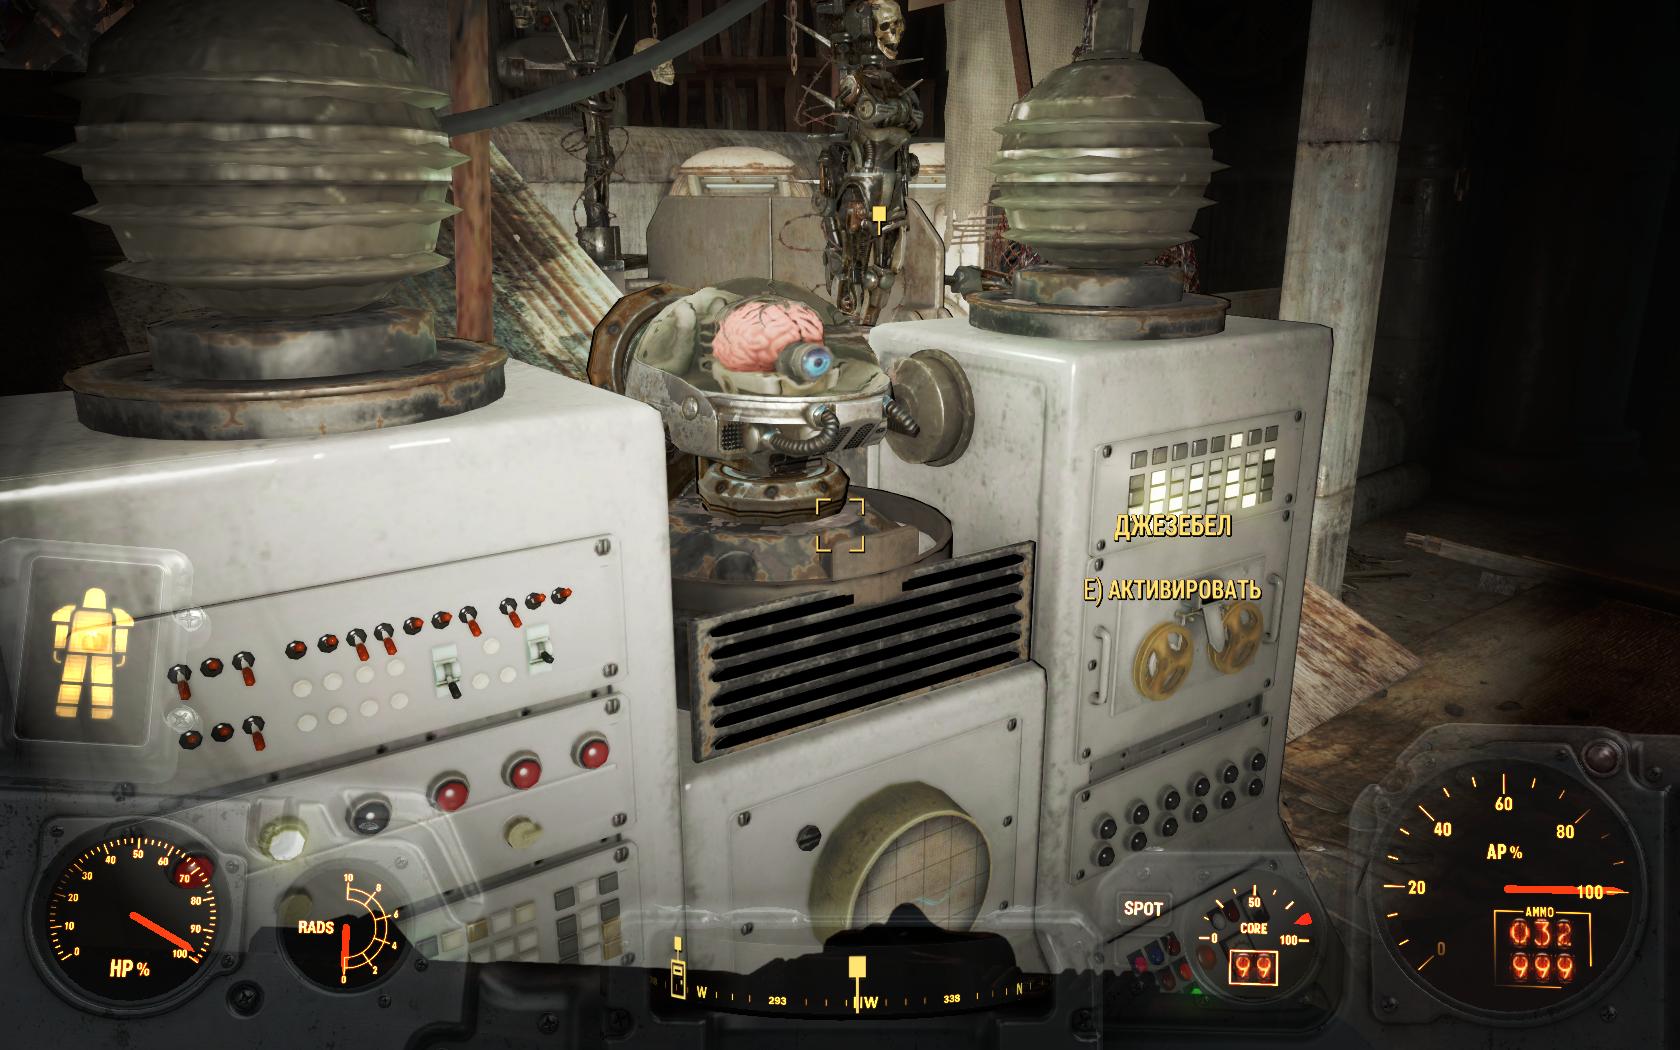 Джезебел (Спутниковая антенна базы Форт-Хаген) - Fallout 4 Джезебел